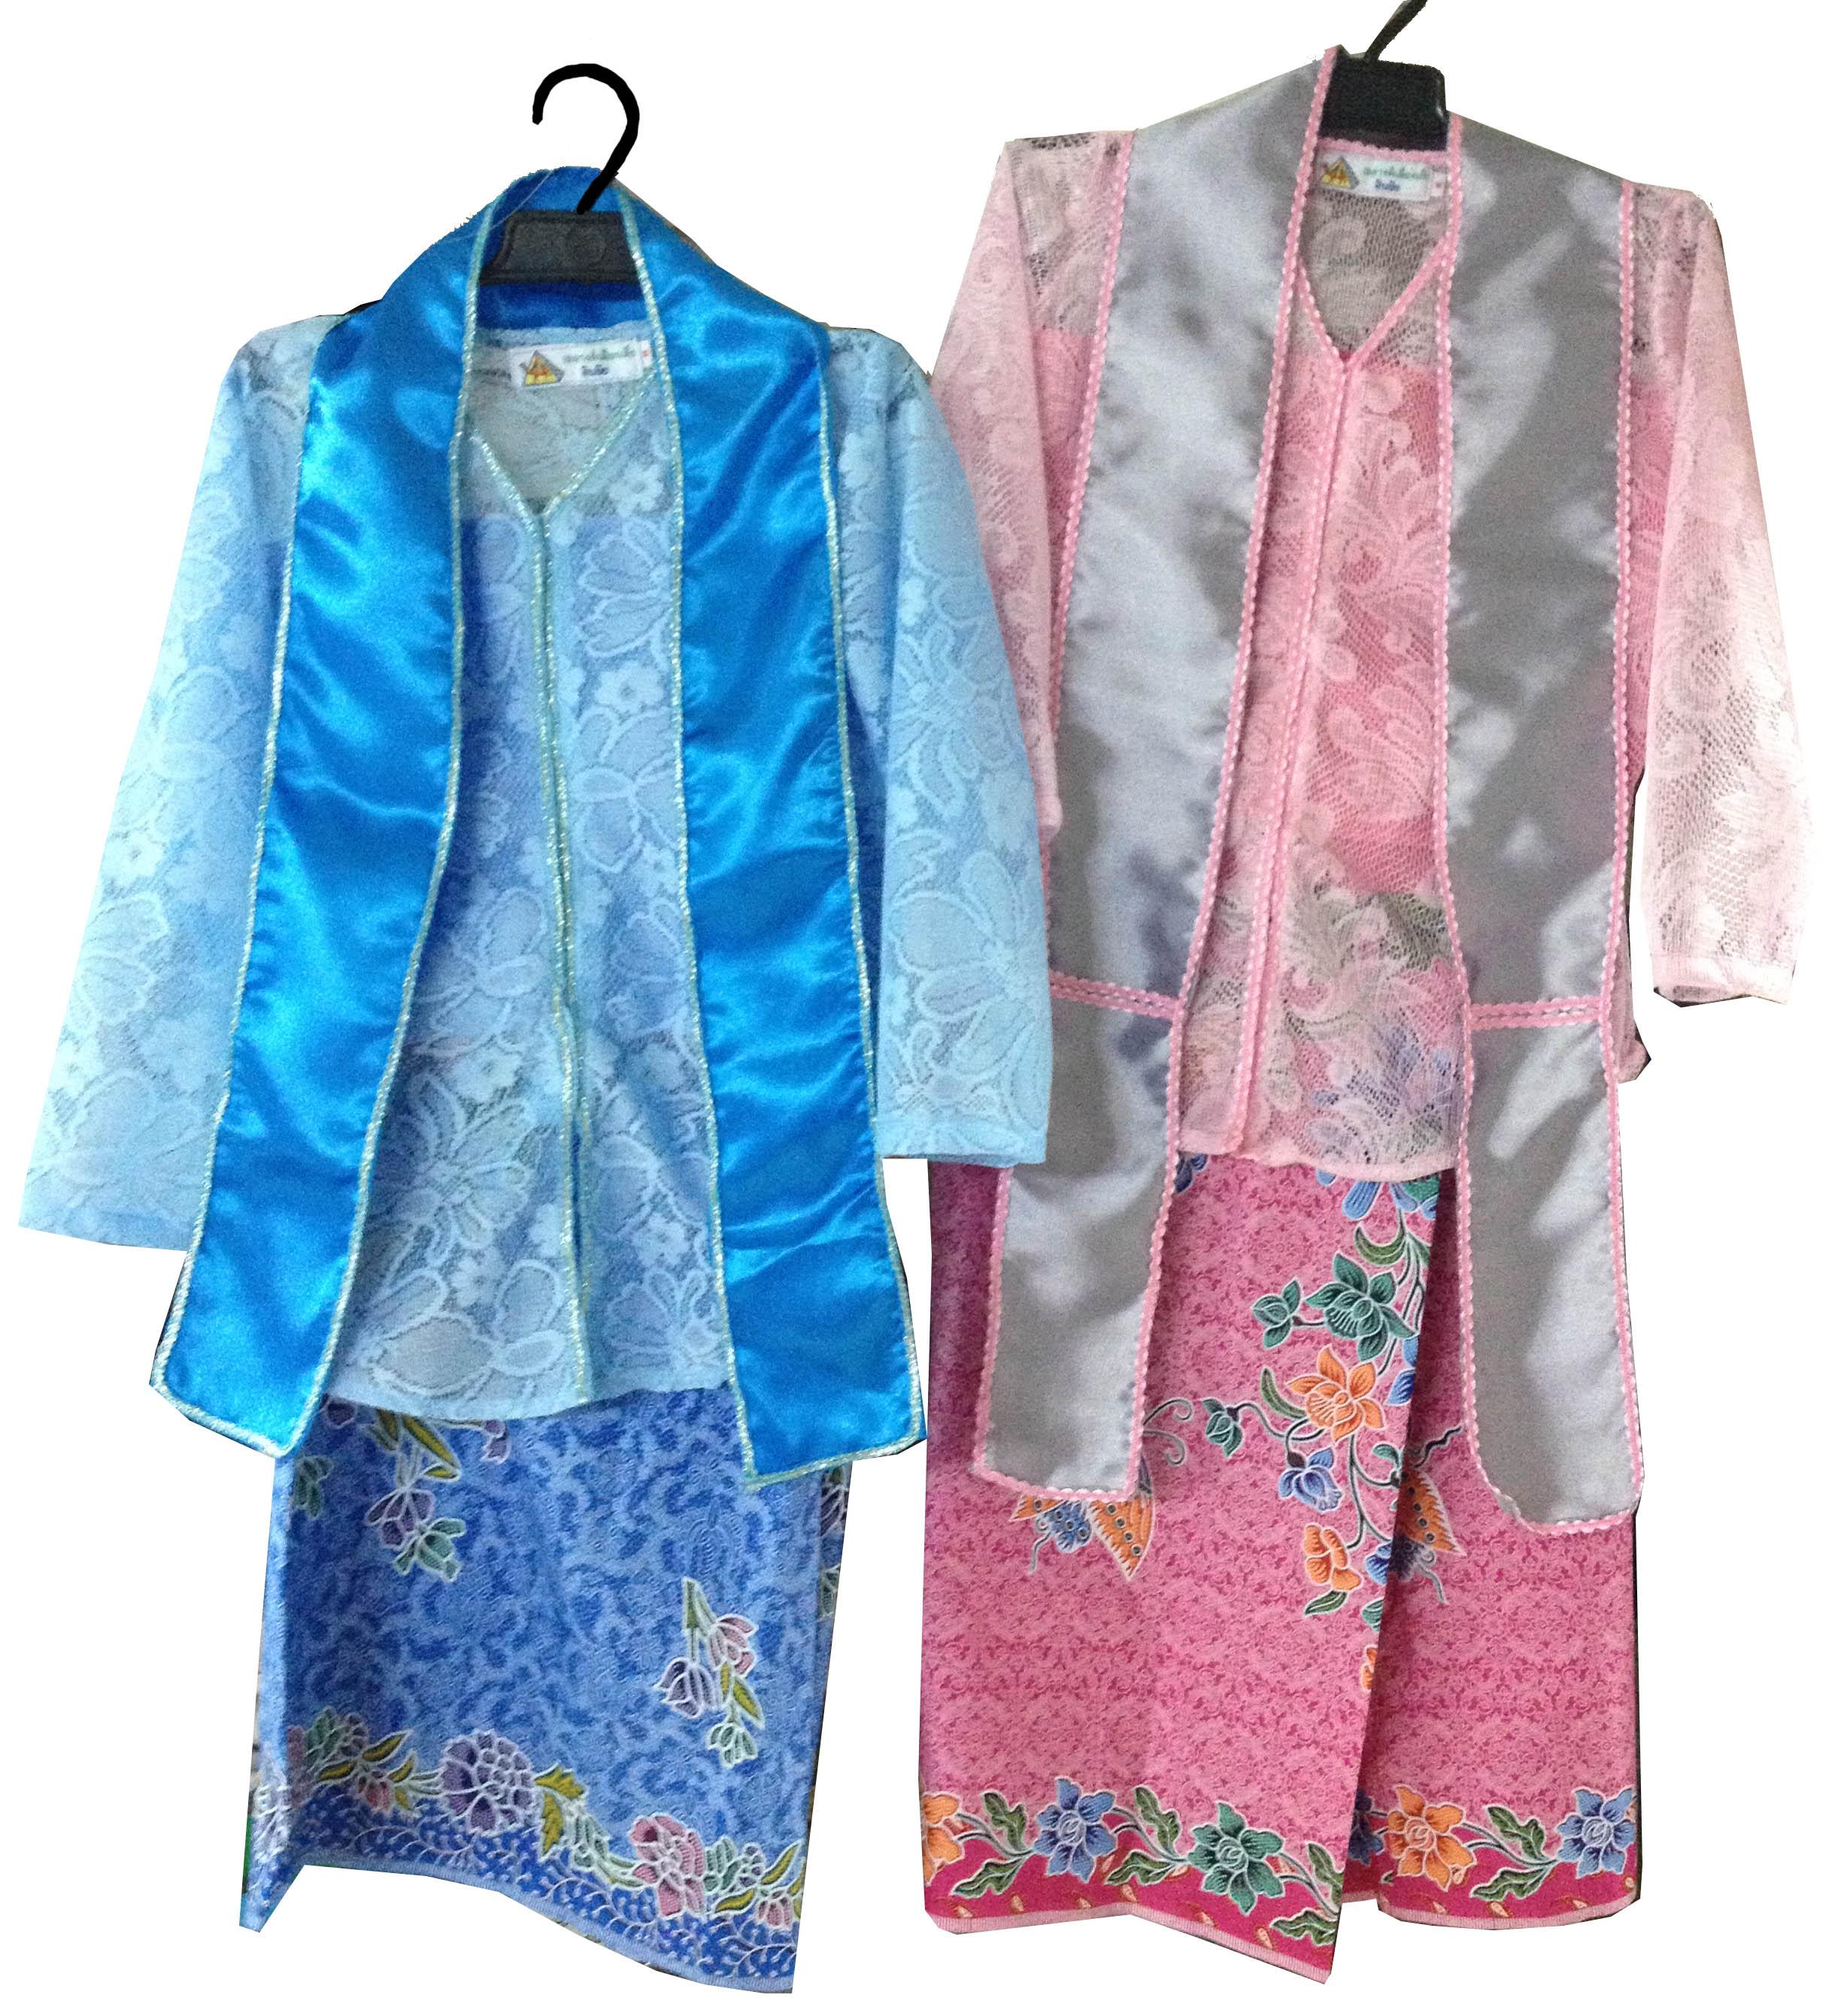 ชุด asean อินโดนีเซีย เด็กหญิง